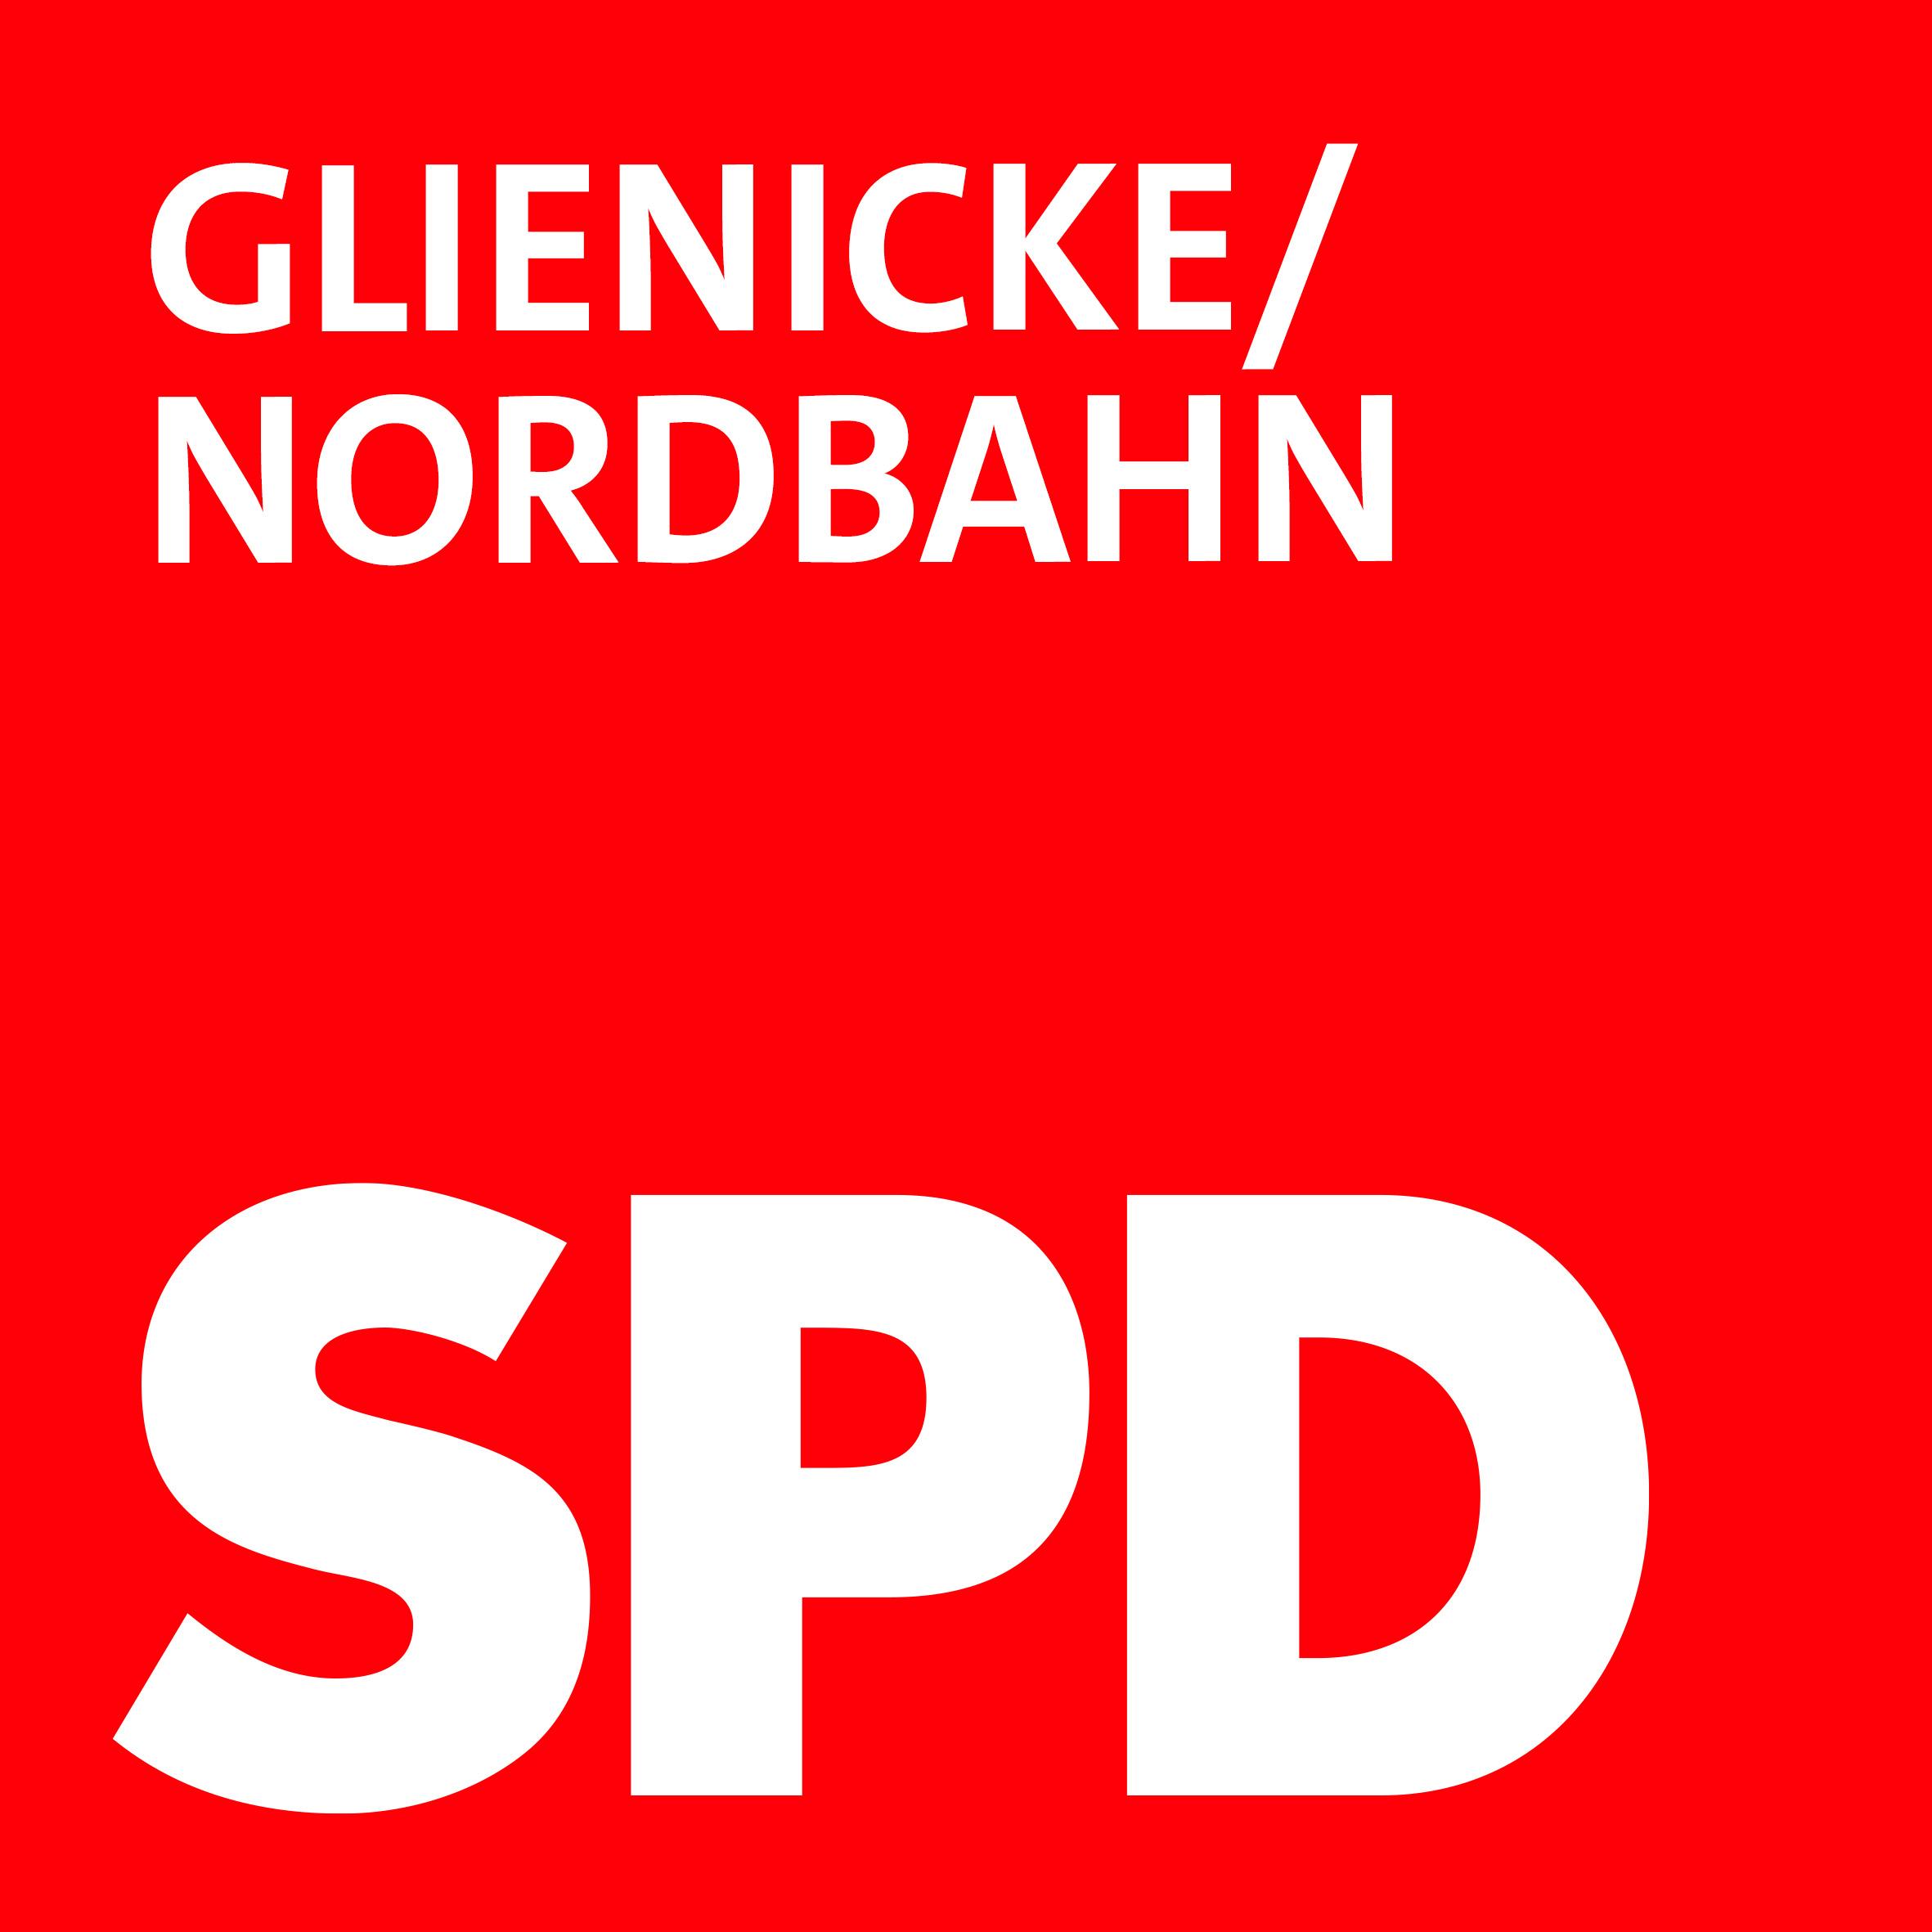 SPD Glienicke/Nordbahn